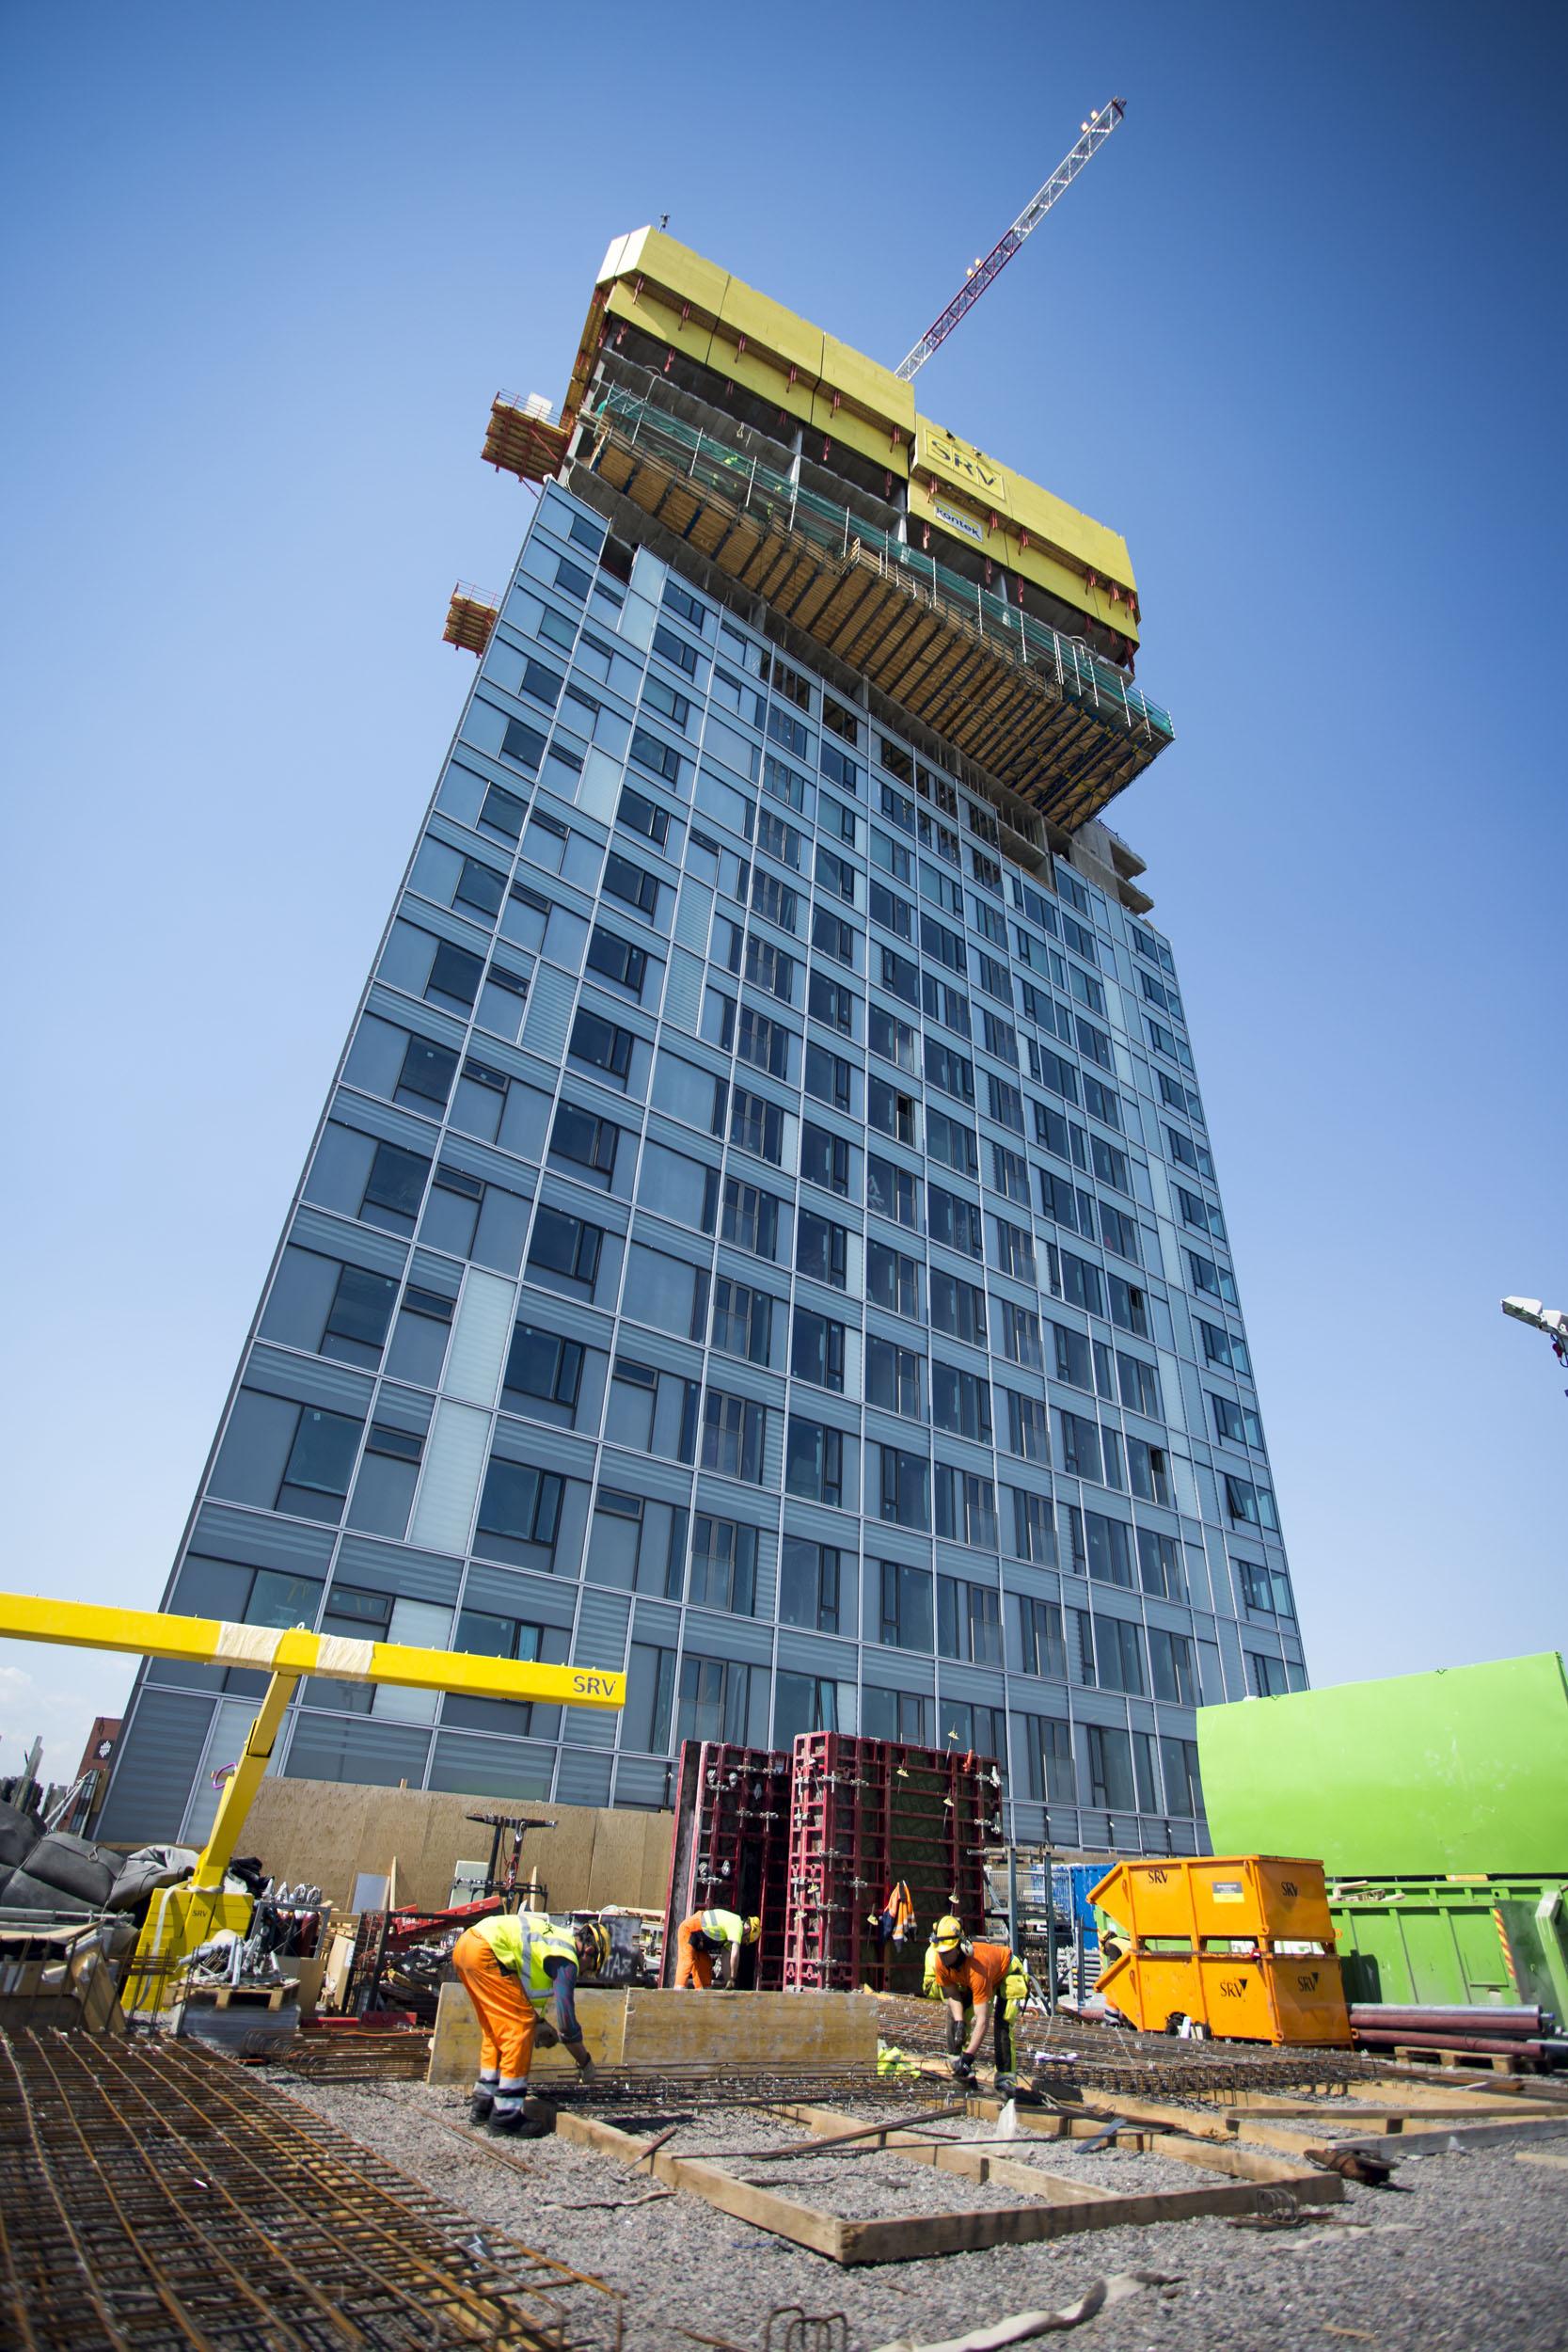 Alhaalla 5. kerroksen kohdalla työntekijät rakentavat julkista puistokantta ja yksityisiä pihoja. Ensimmäiset asunnot sijaitsevat 6. kerroksessa.